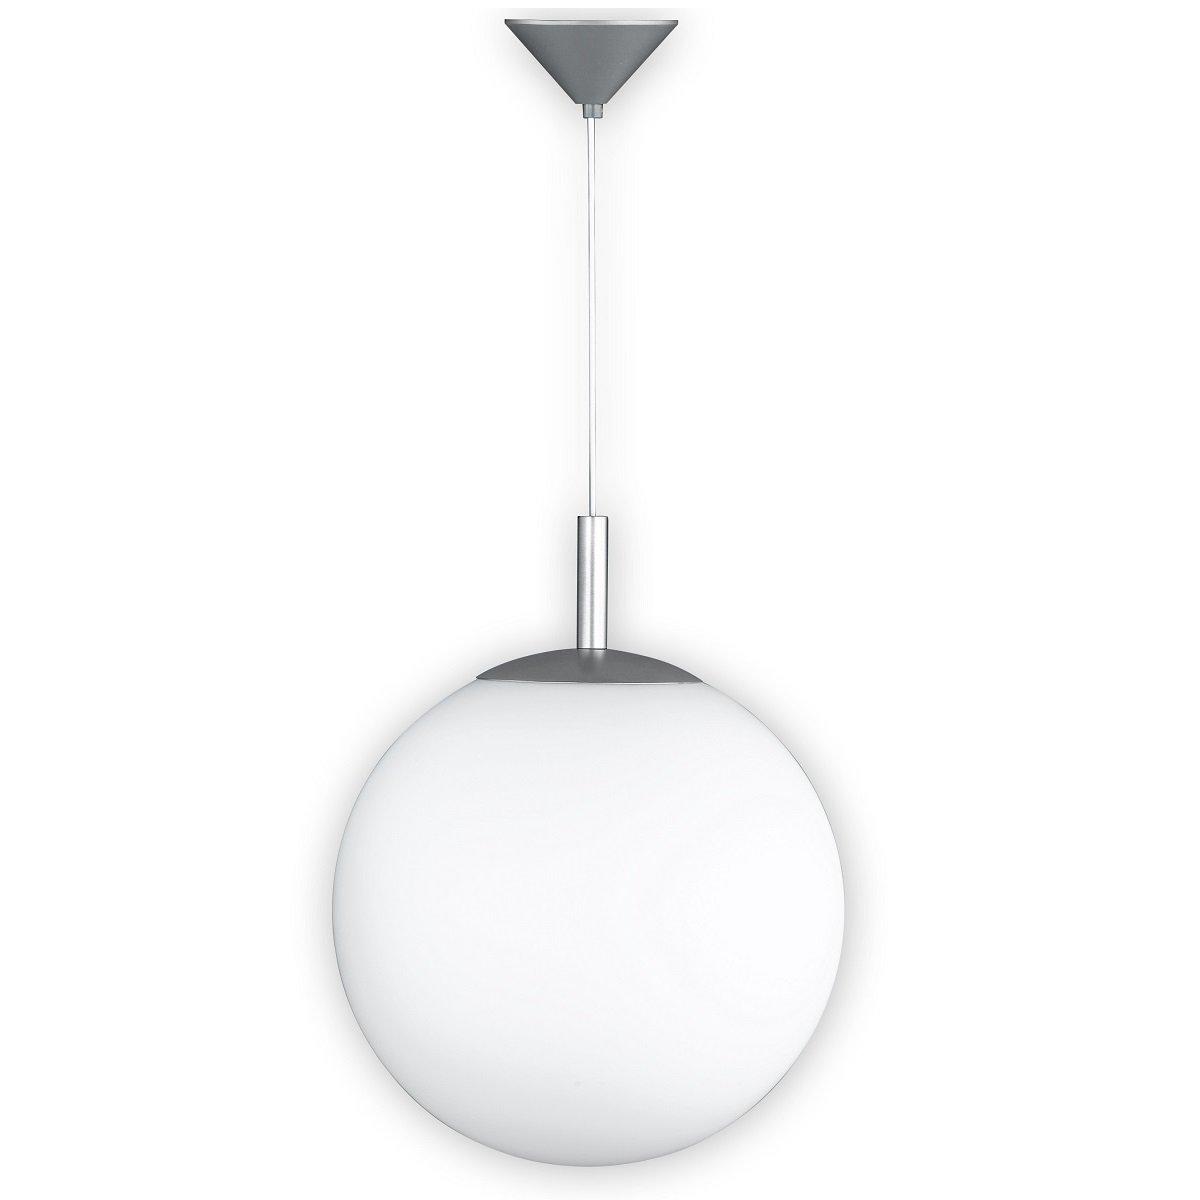 Hängelampe Kugel Deckenlampe Kugelleuchte Hängeleuchte Kugellampe Pendellampe